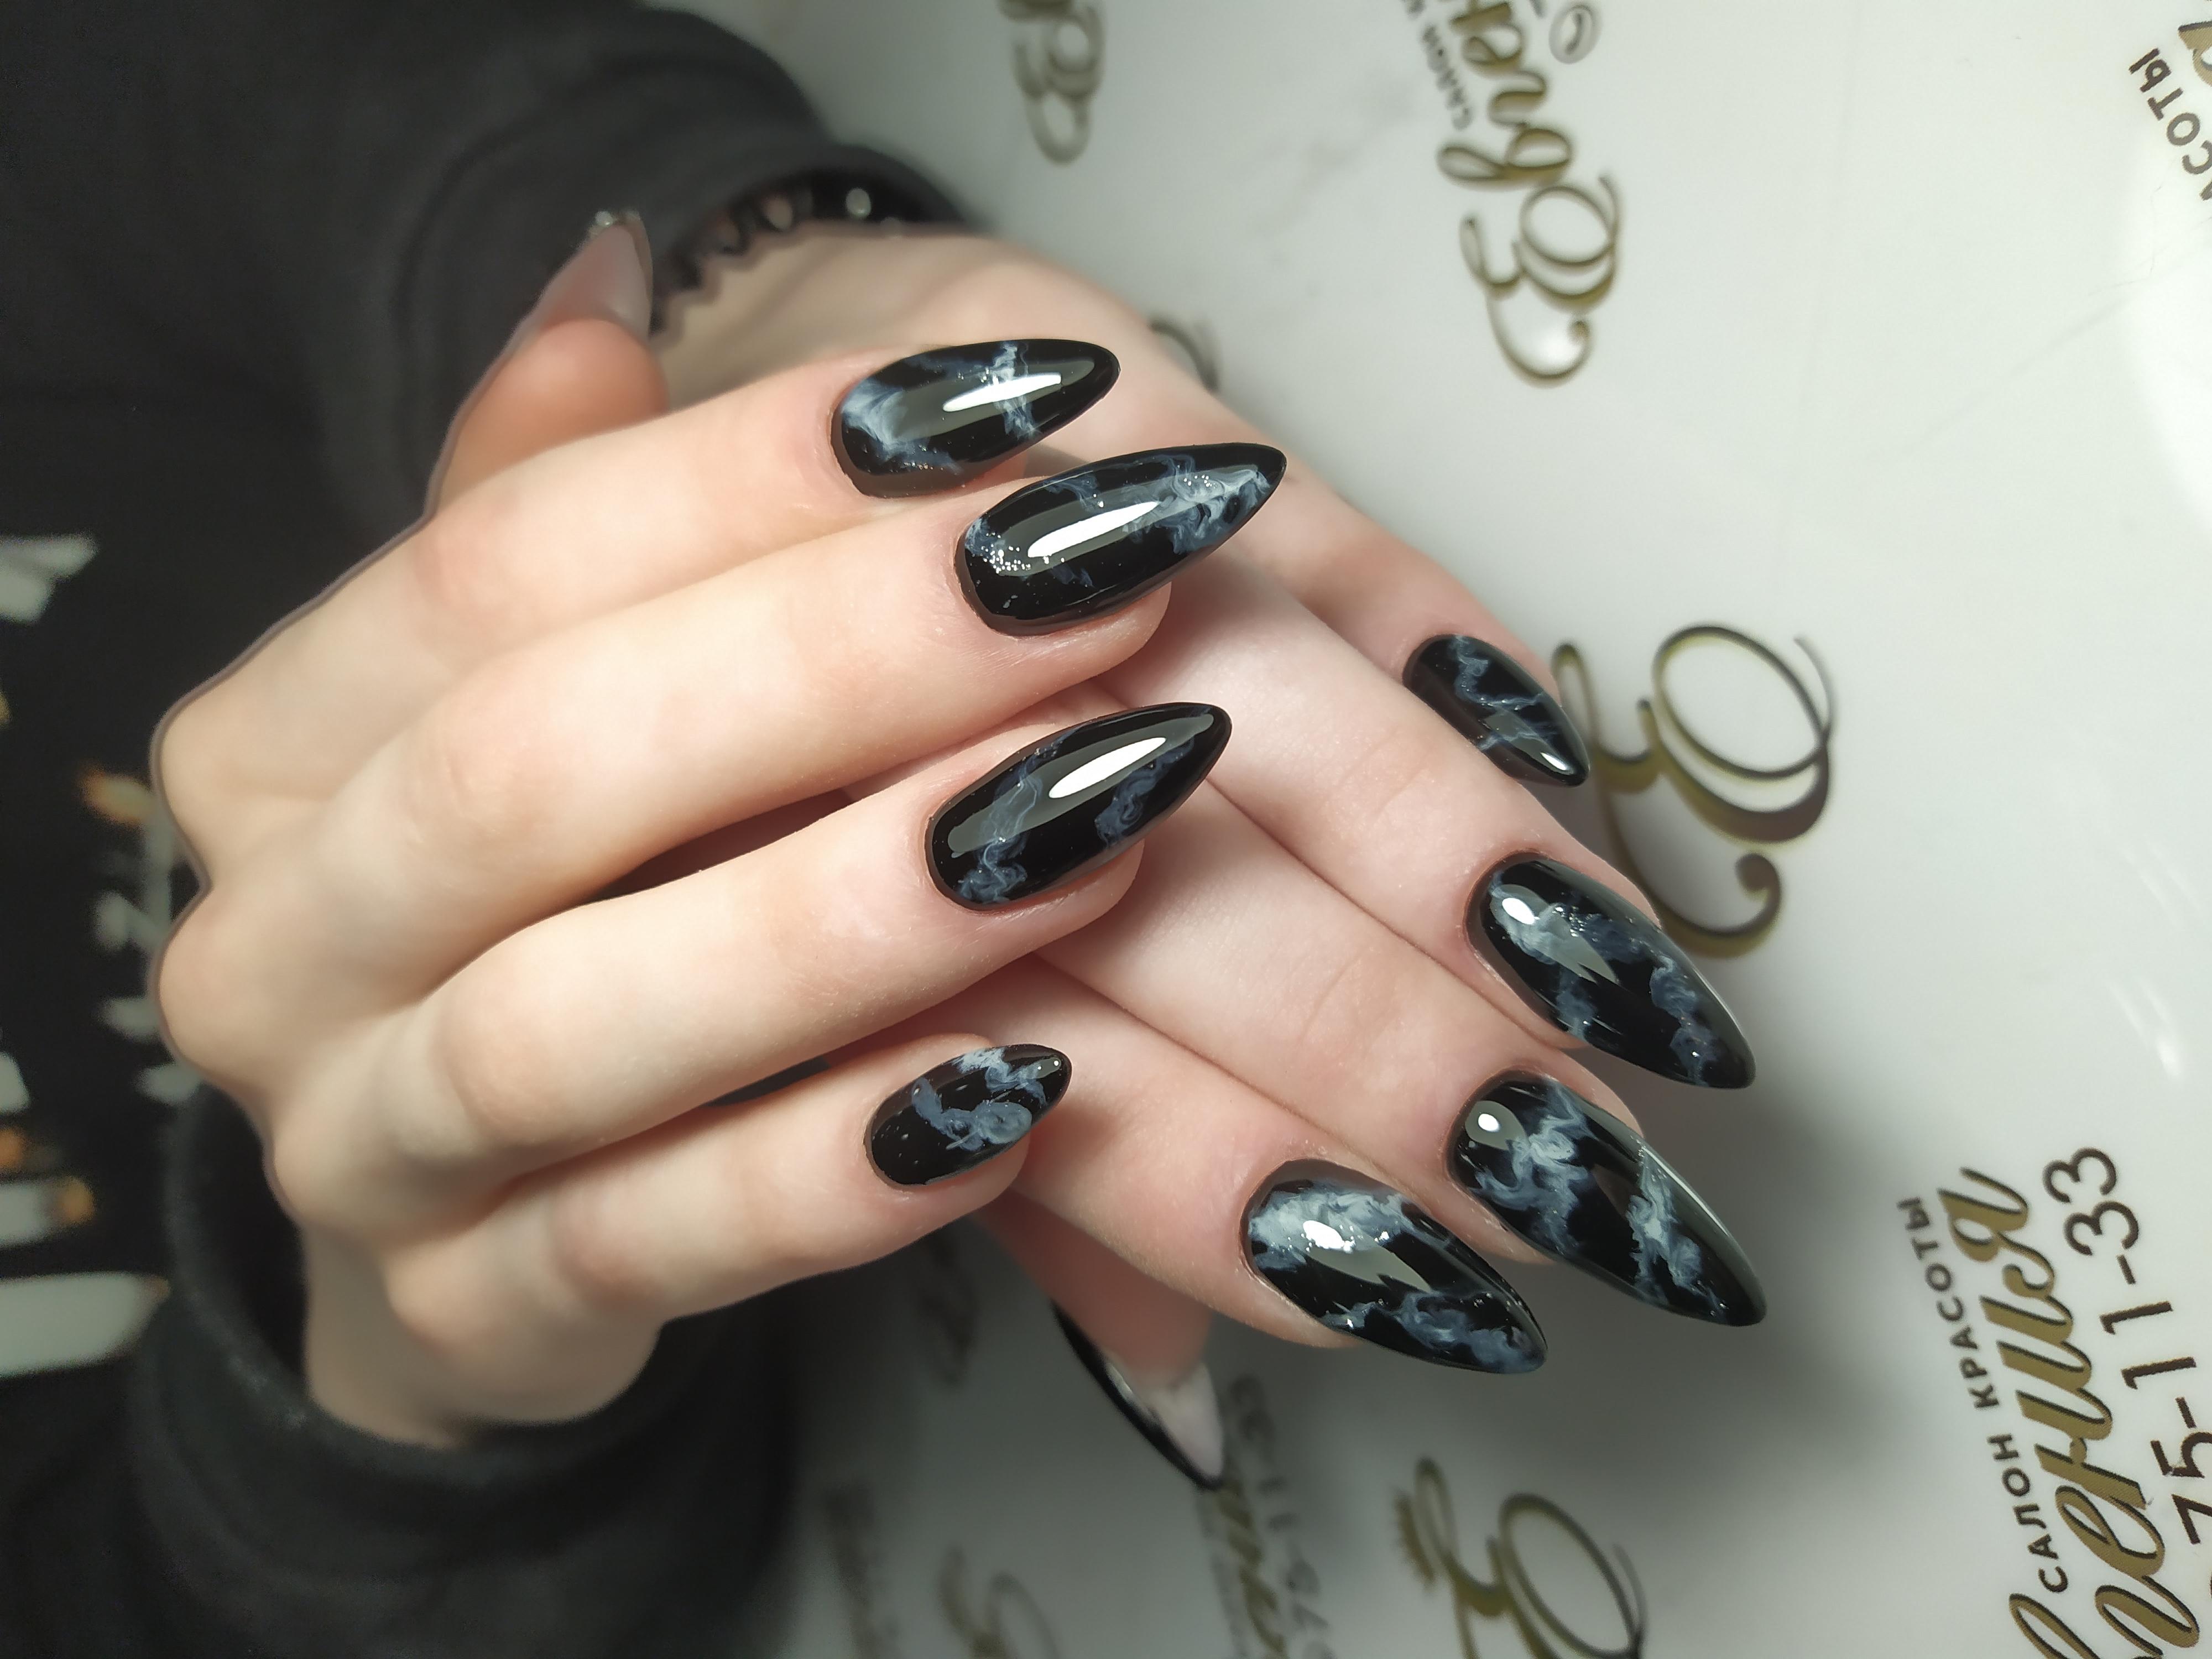 Маникюр с мраморным эффектом в чёрном цвете.